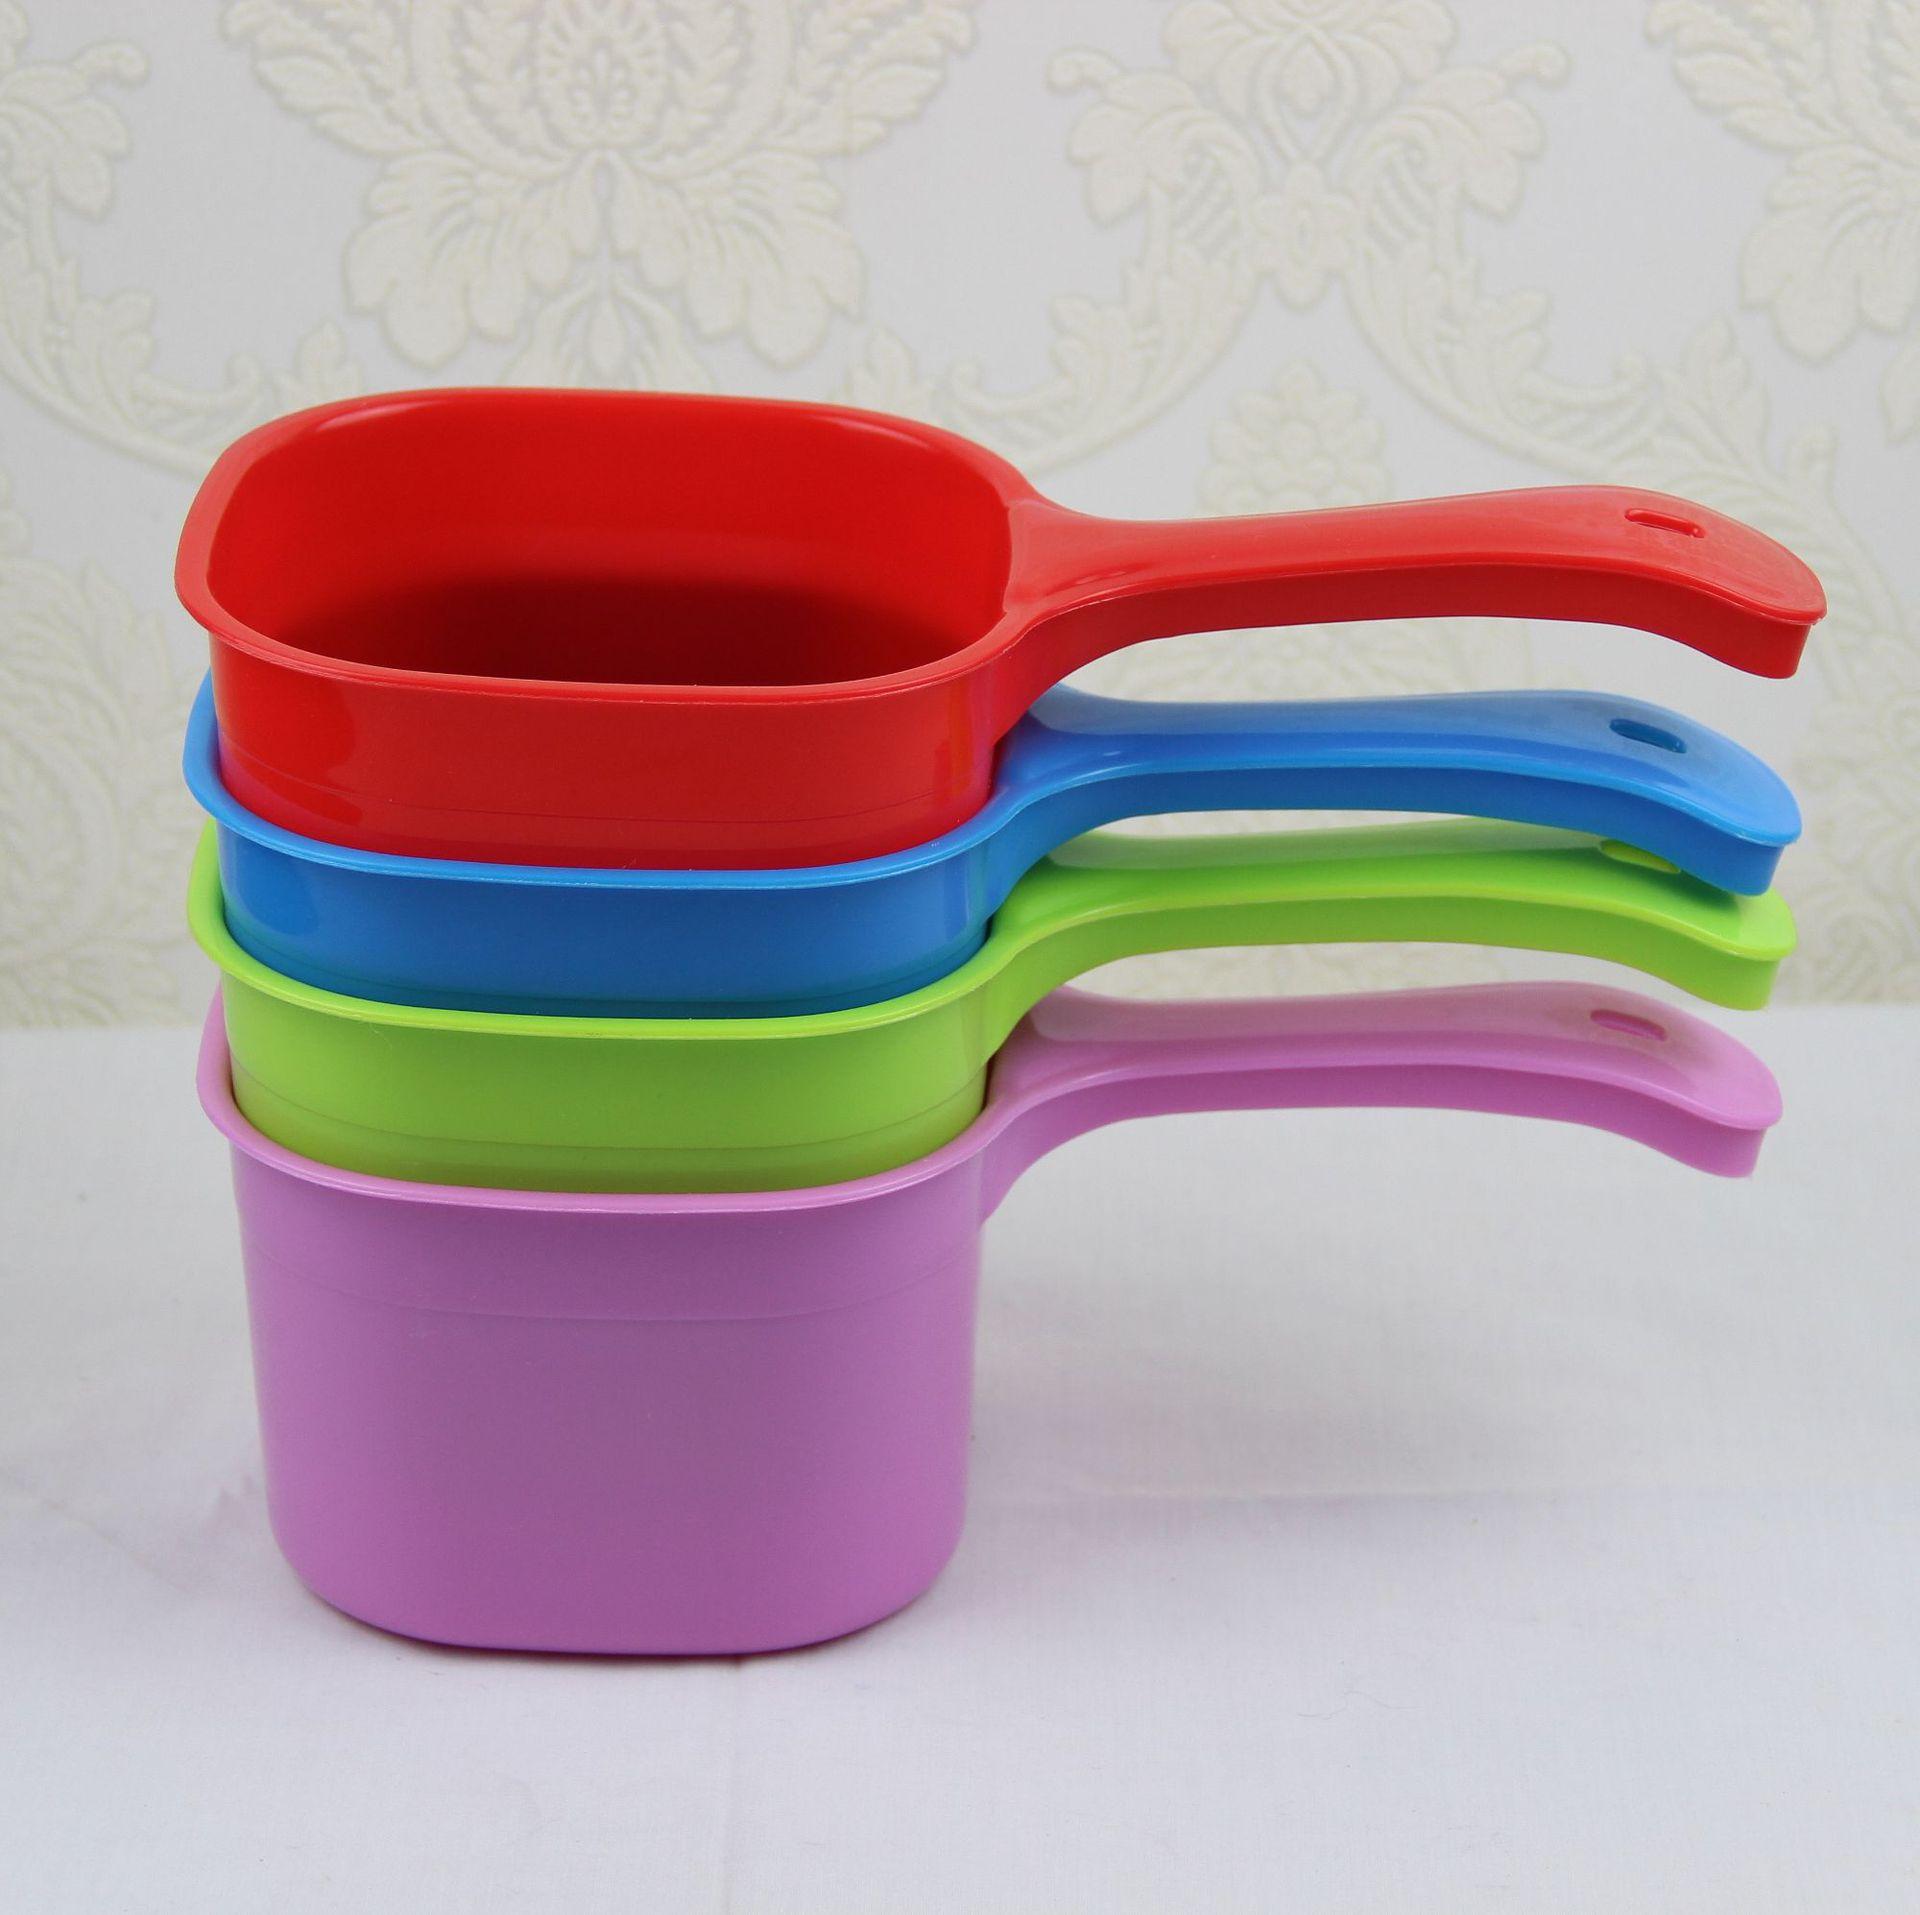 批发加厚耐摔塑料水勺家用厨房塑料 水瓢2元彩色熟料水舀地摊百货